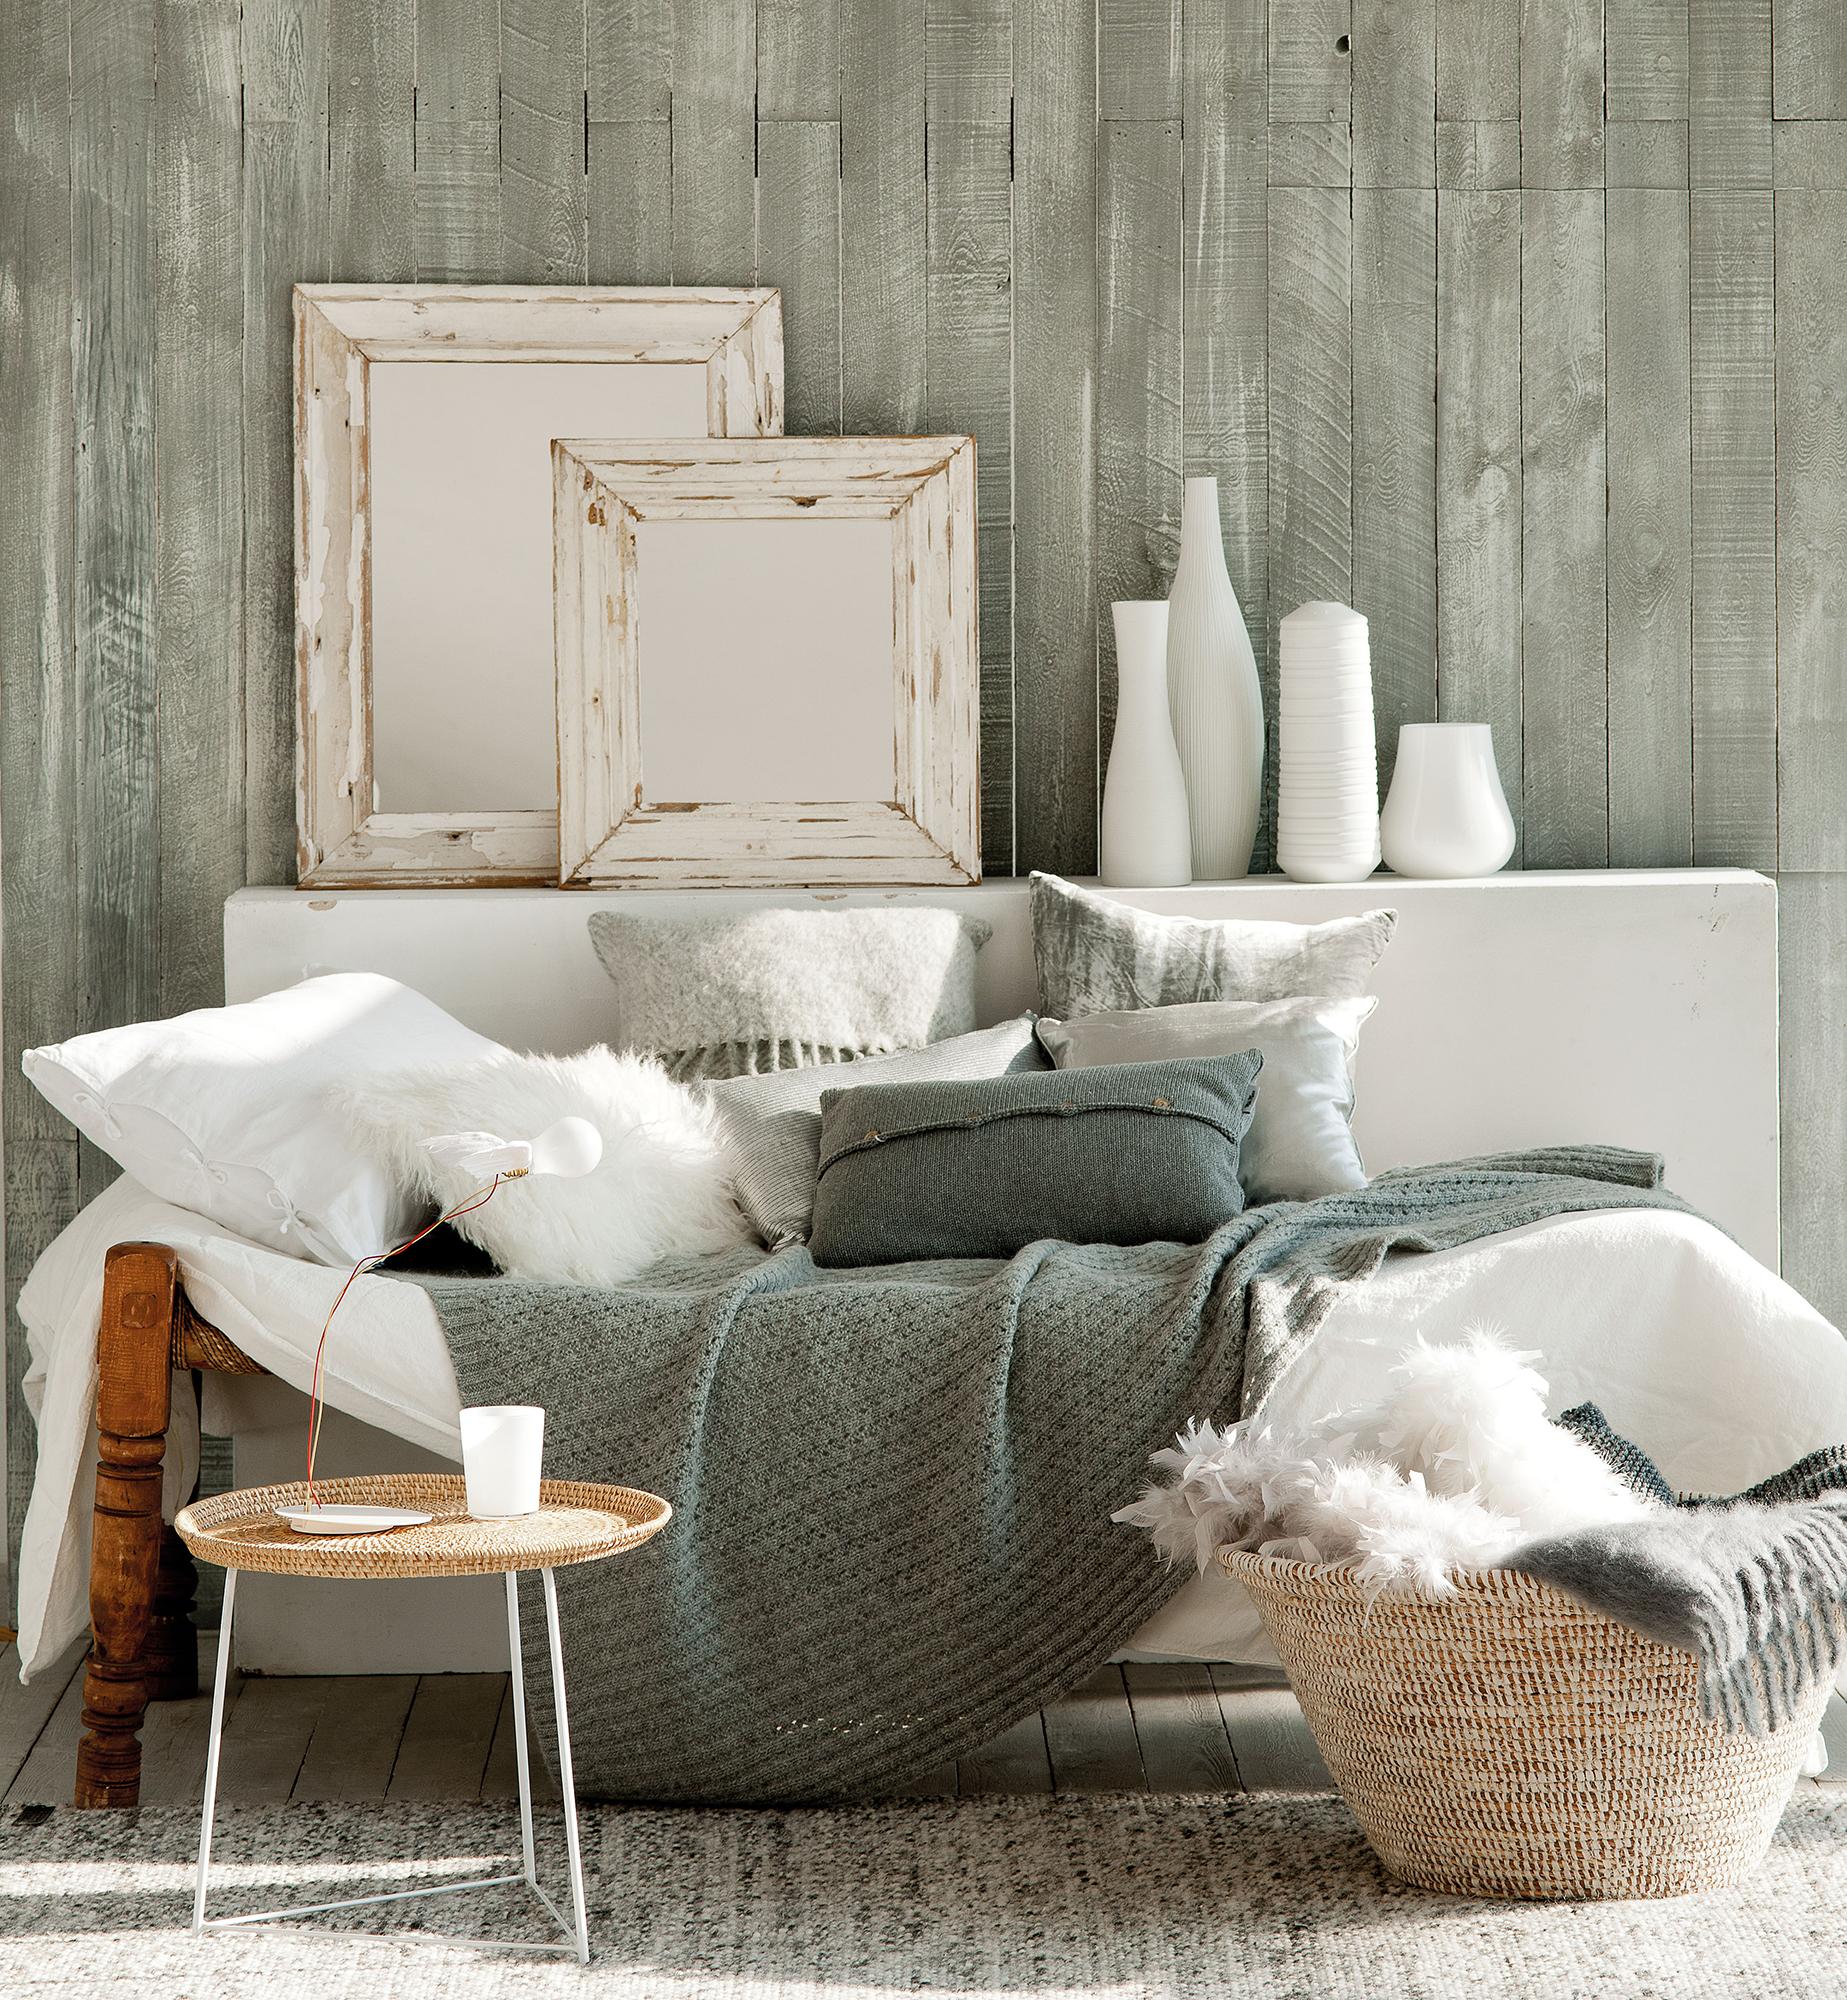 Semitoma de salón invernal decorado en blanco y gris_ 00353812b